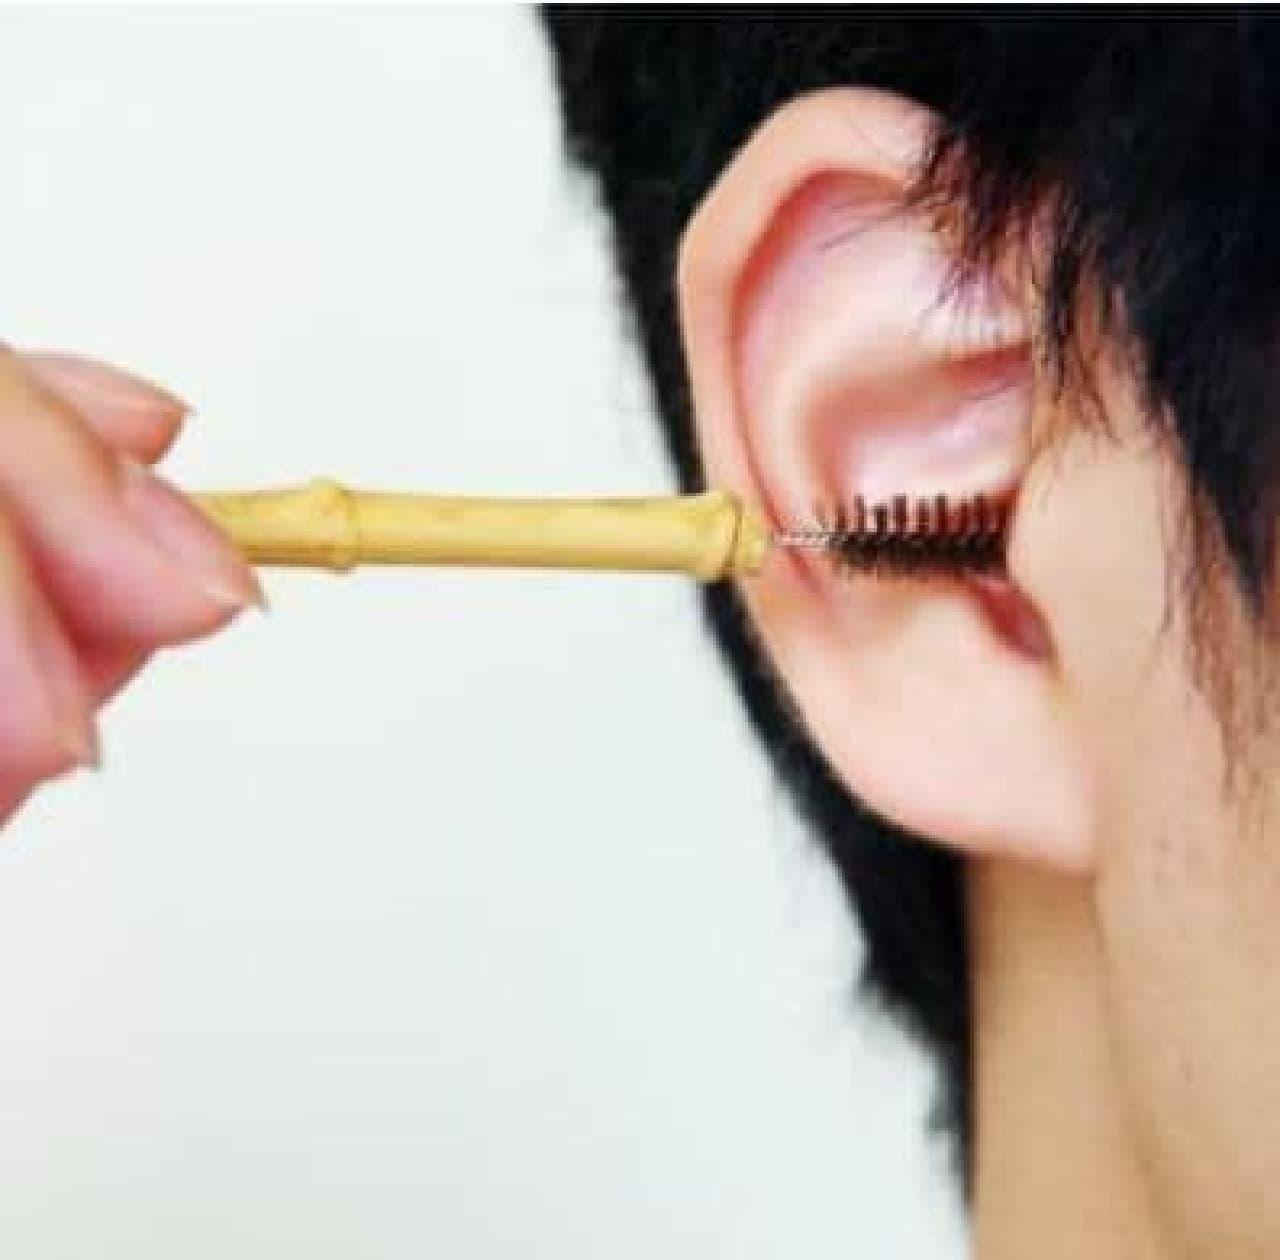 あの「睡眠用たわし」に次ぐ新商品、「耳かき用たわし」先行販売開始